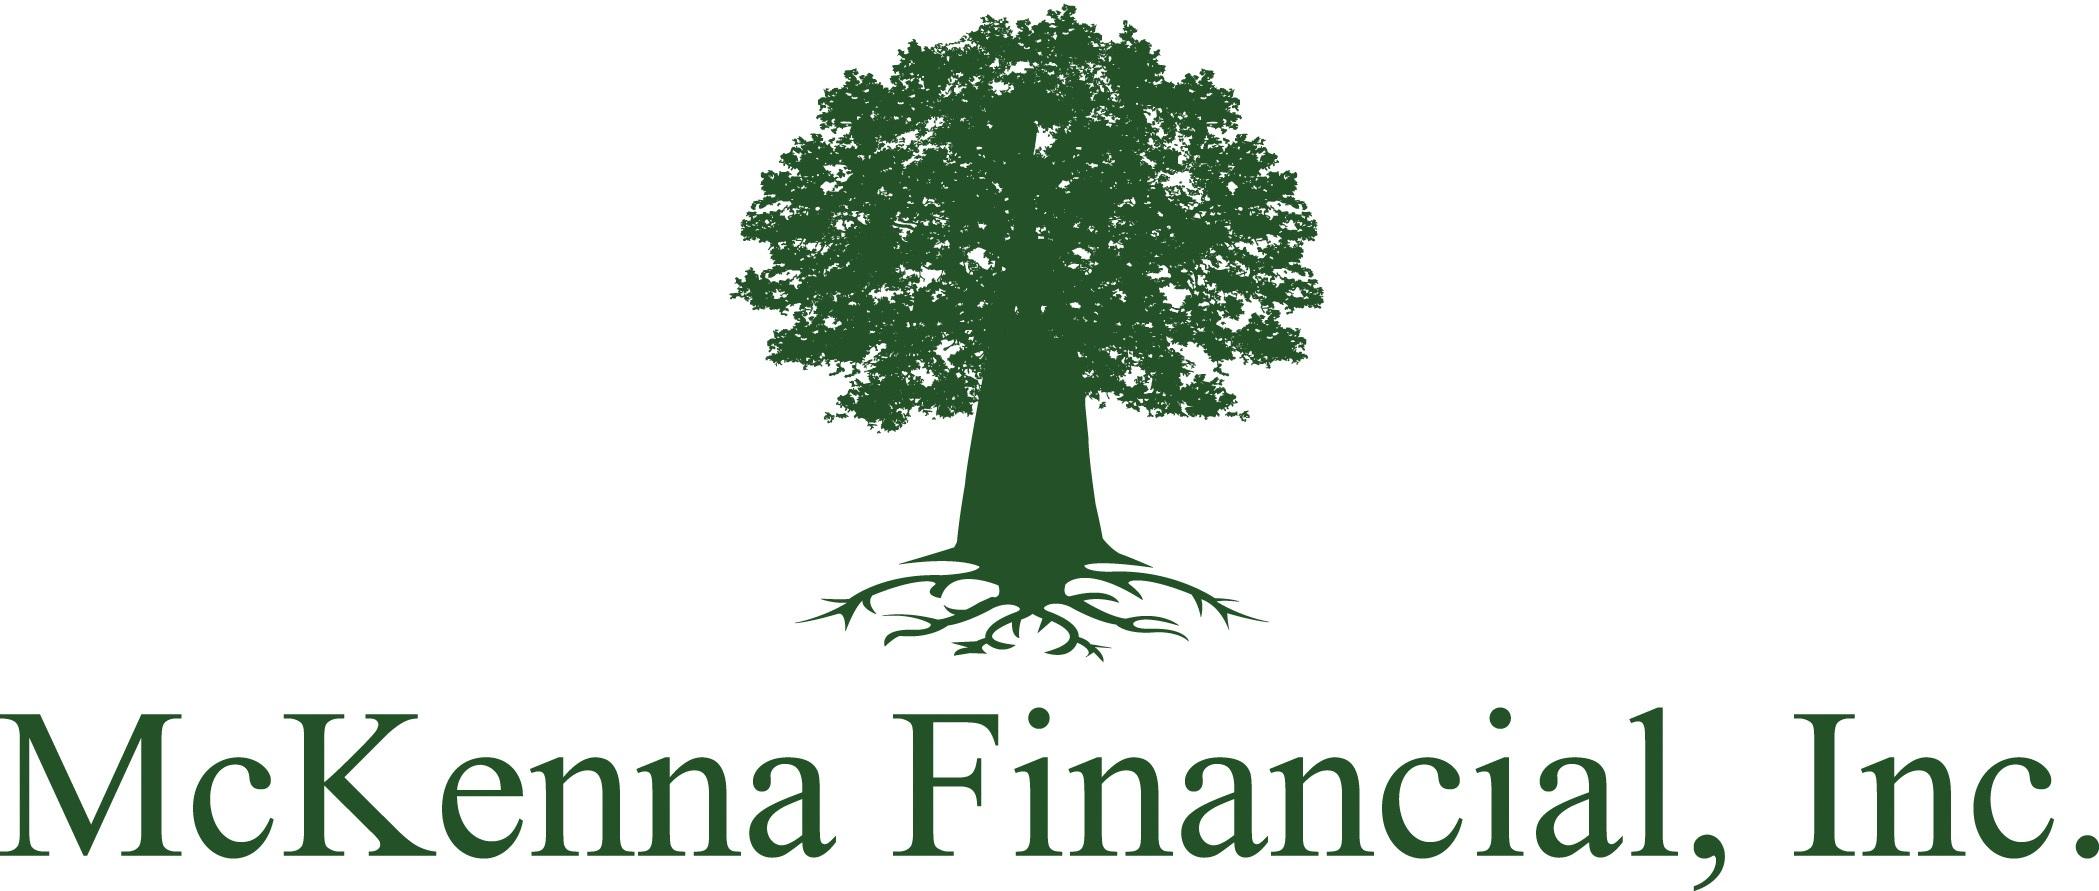 Mckennafinancial_logo_highres_view